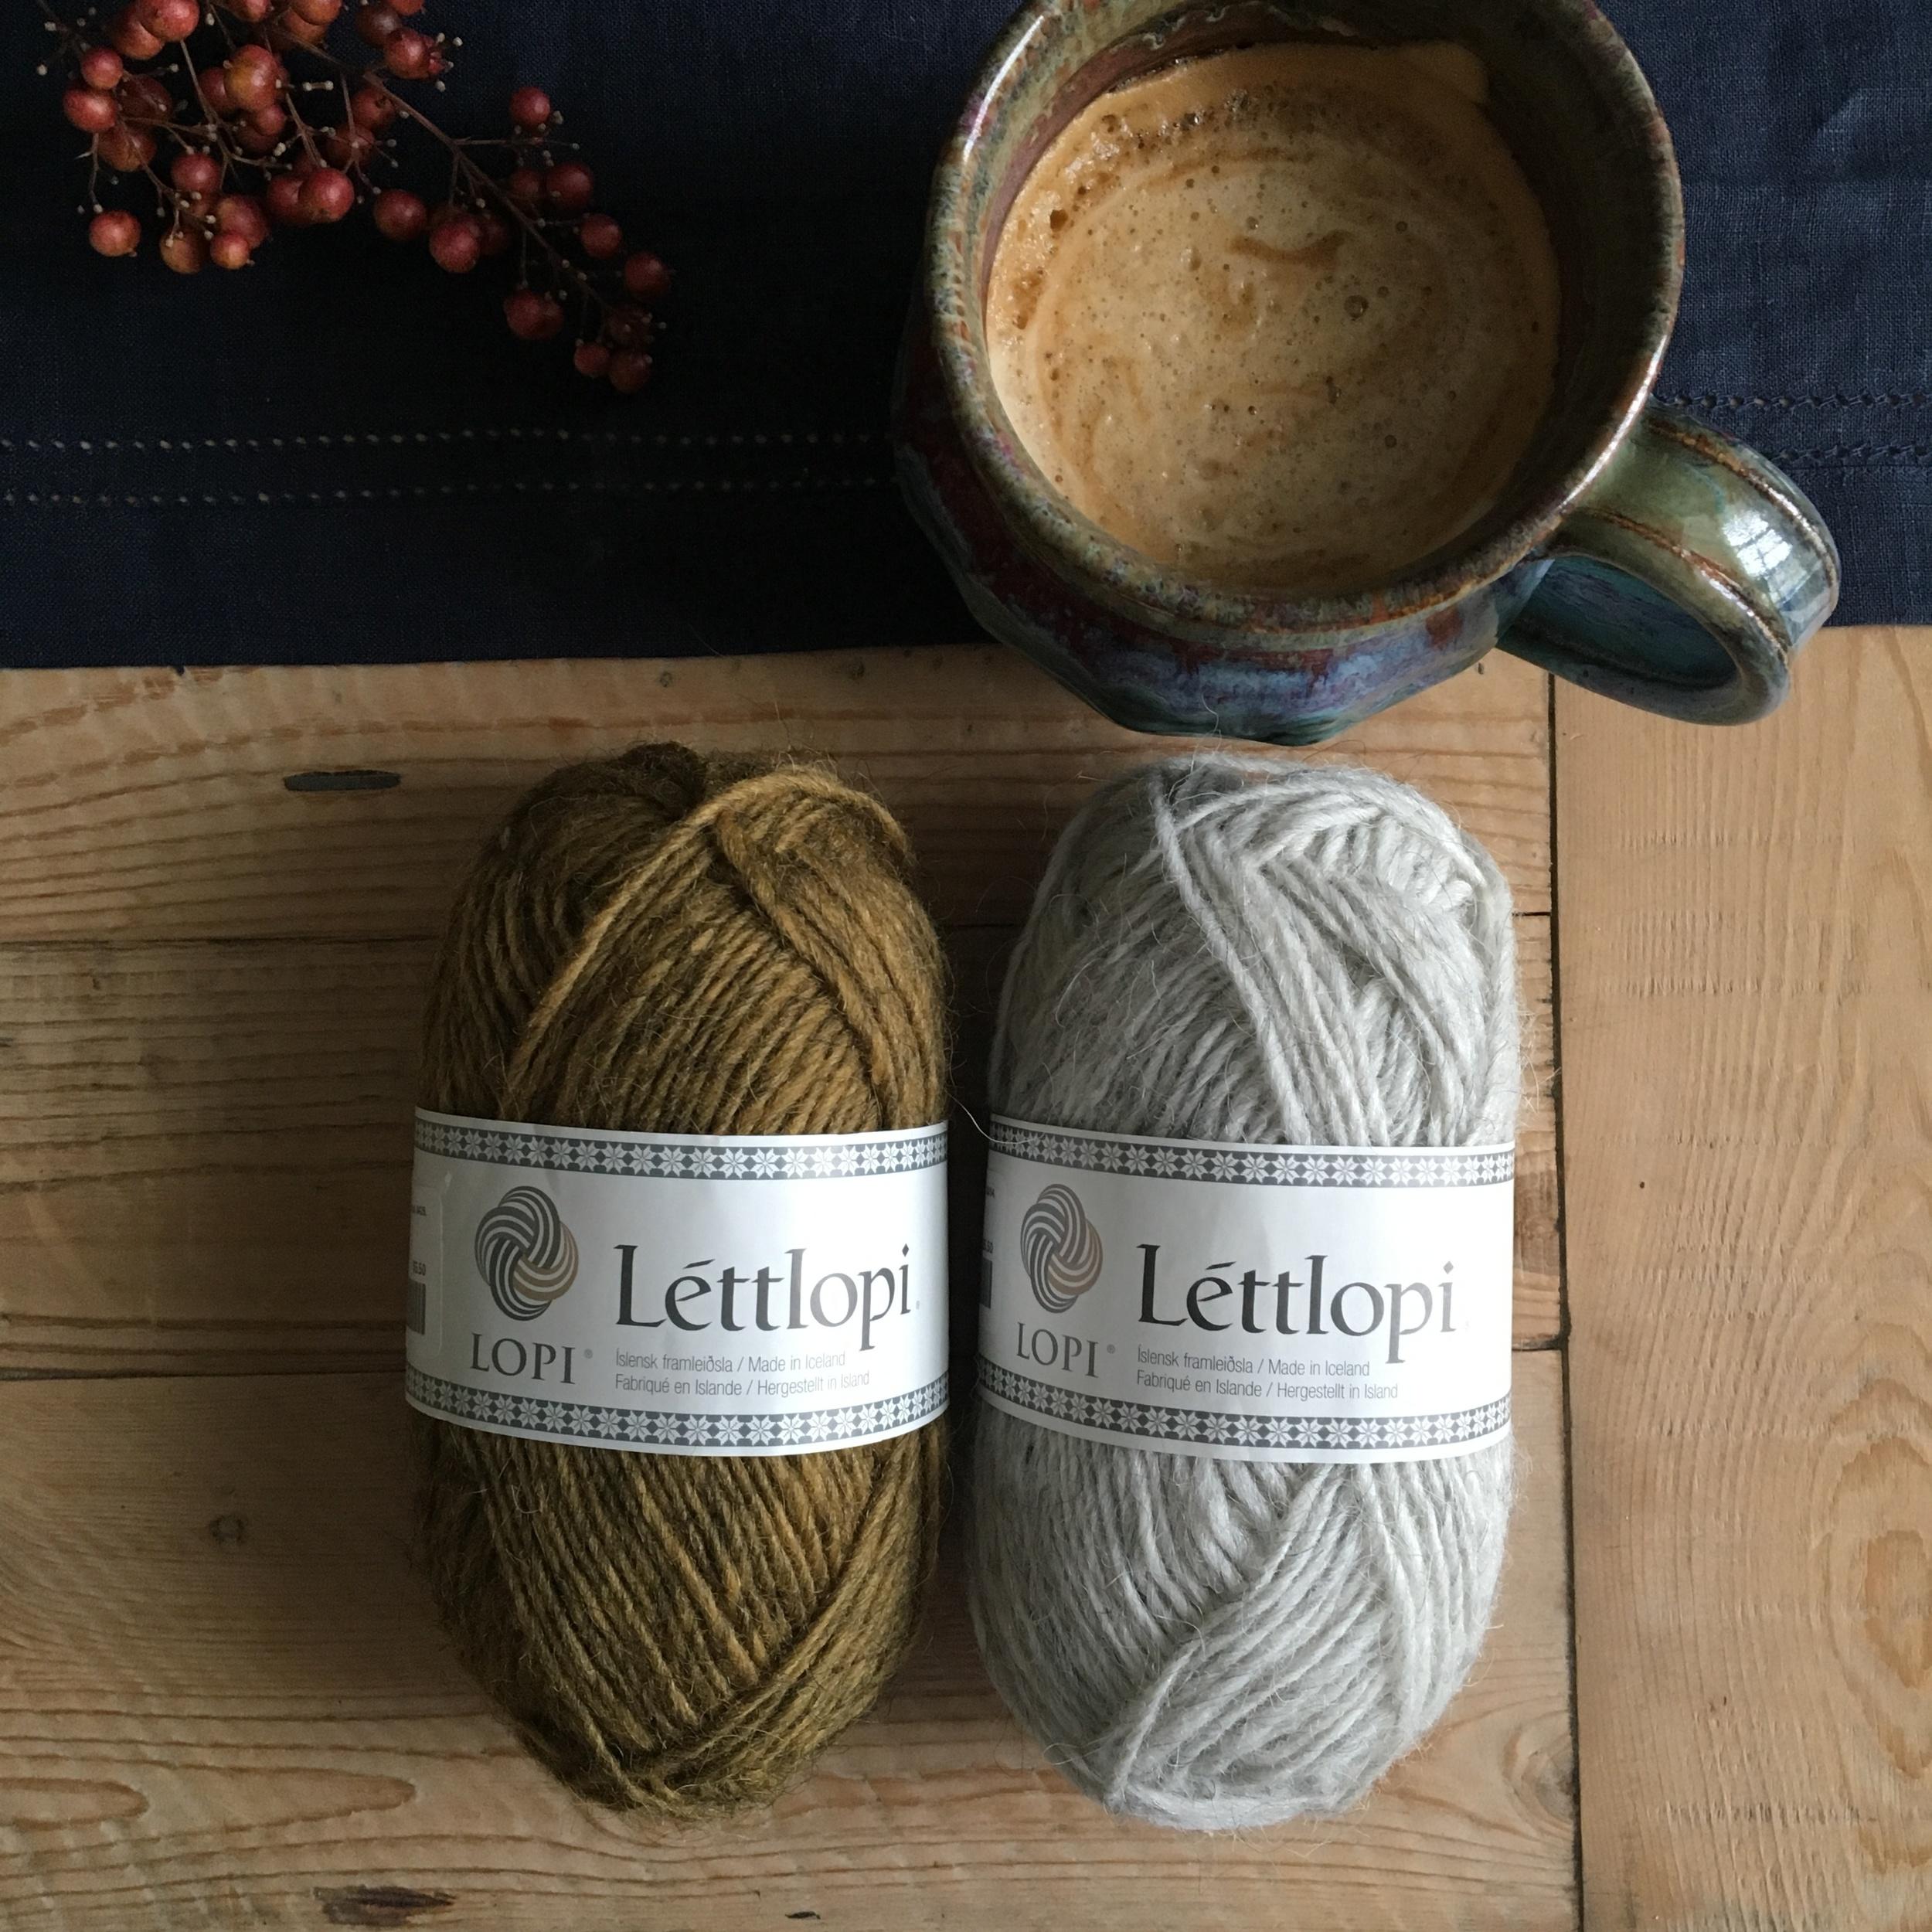 Tolt Yarn and Wool Lettlopi Yarn